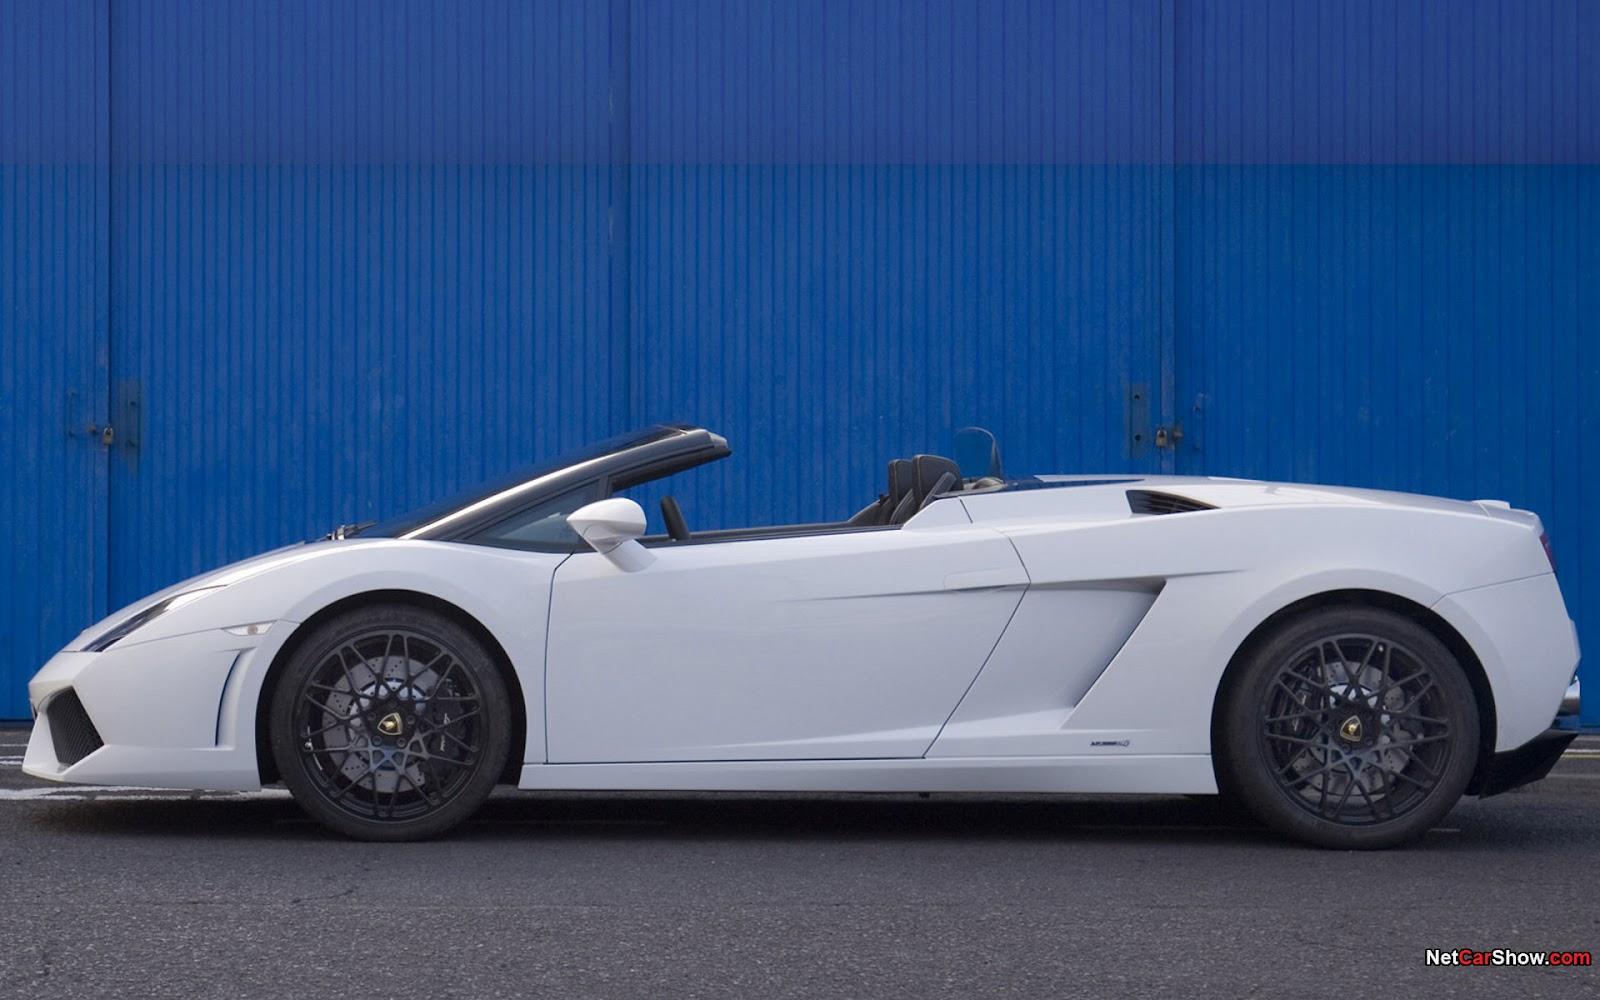 http://4.bp.blogspot.com/-LVVge9lQNVk/T1lZETONNLI/AAAAAAAAMuQ/6n0-OLqMcKo/s1600/Lamborghini+Gallardo+LP560-4+Spyder+2009+-+Latest+Cars+Wallpapers+(10).jpg